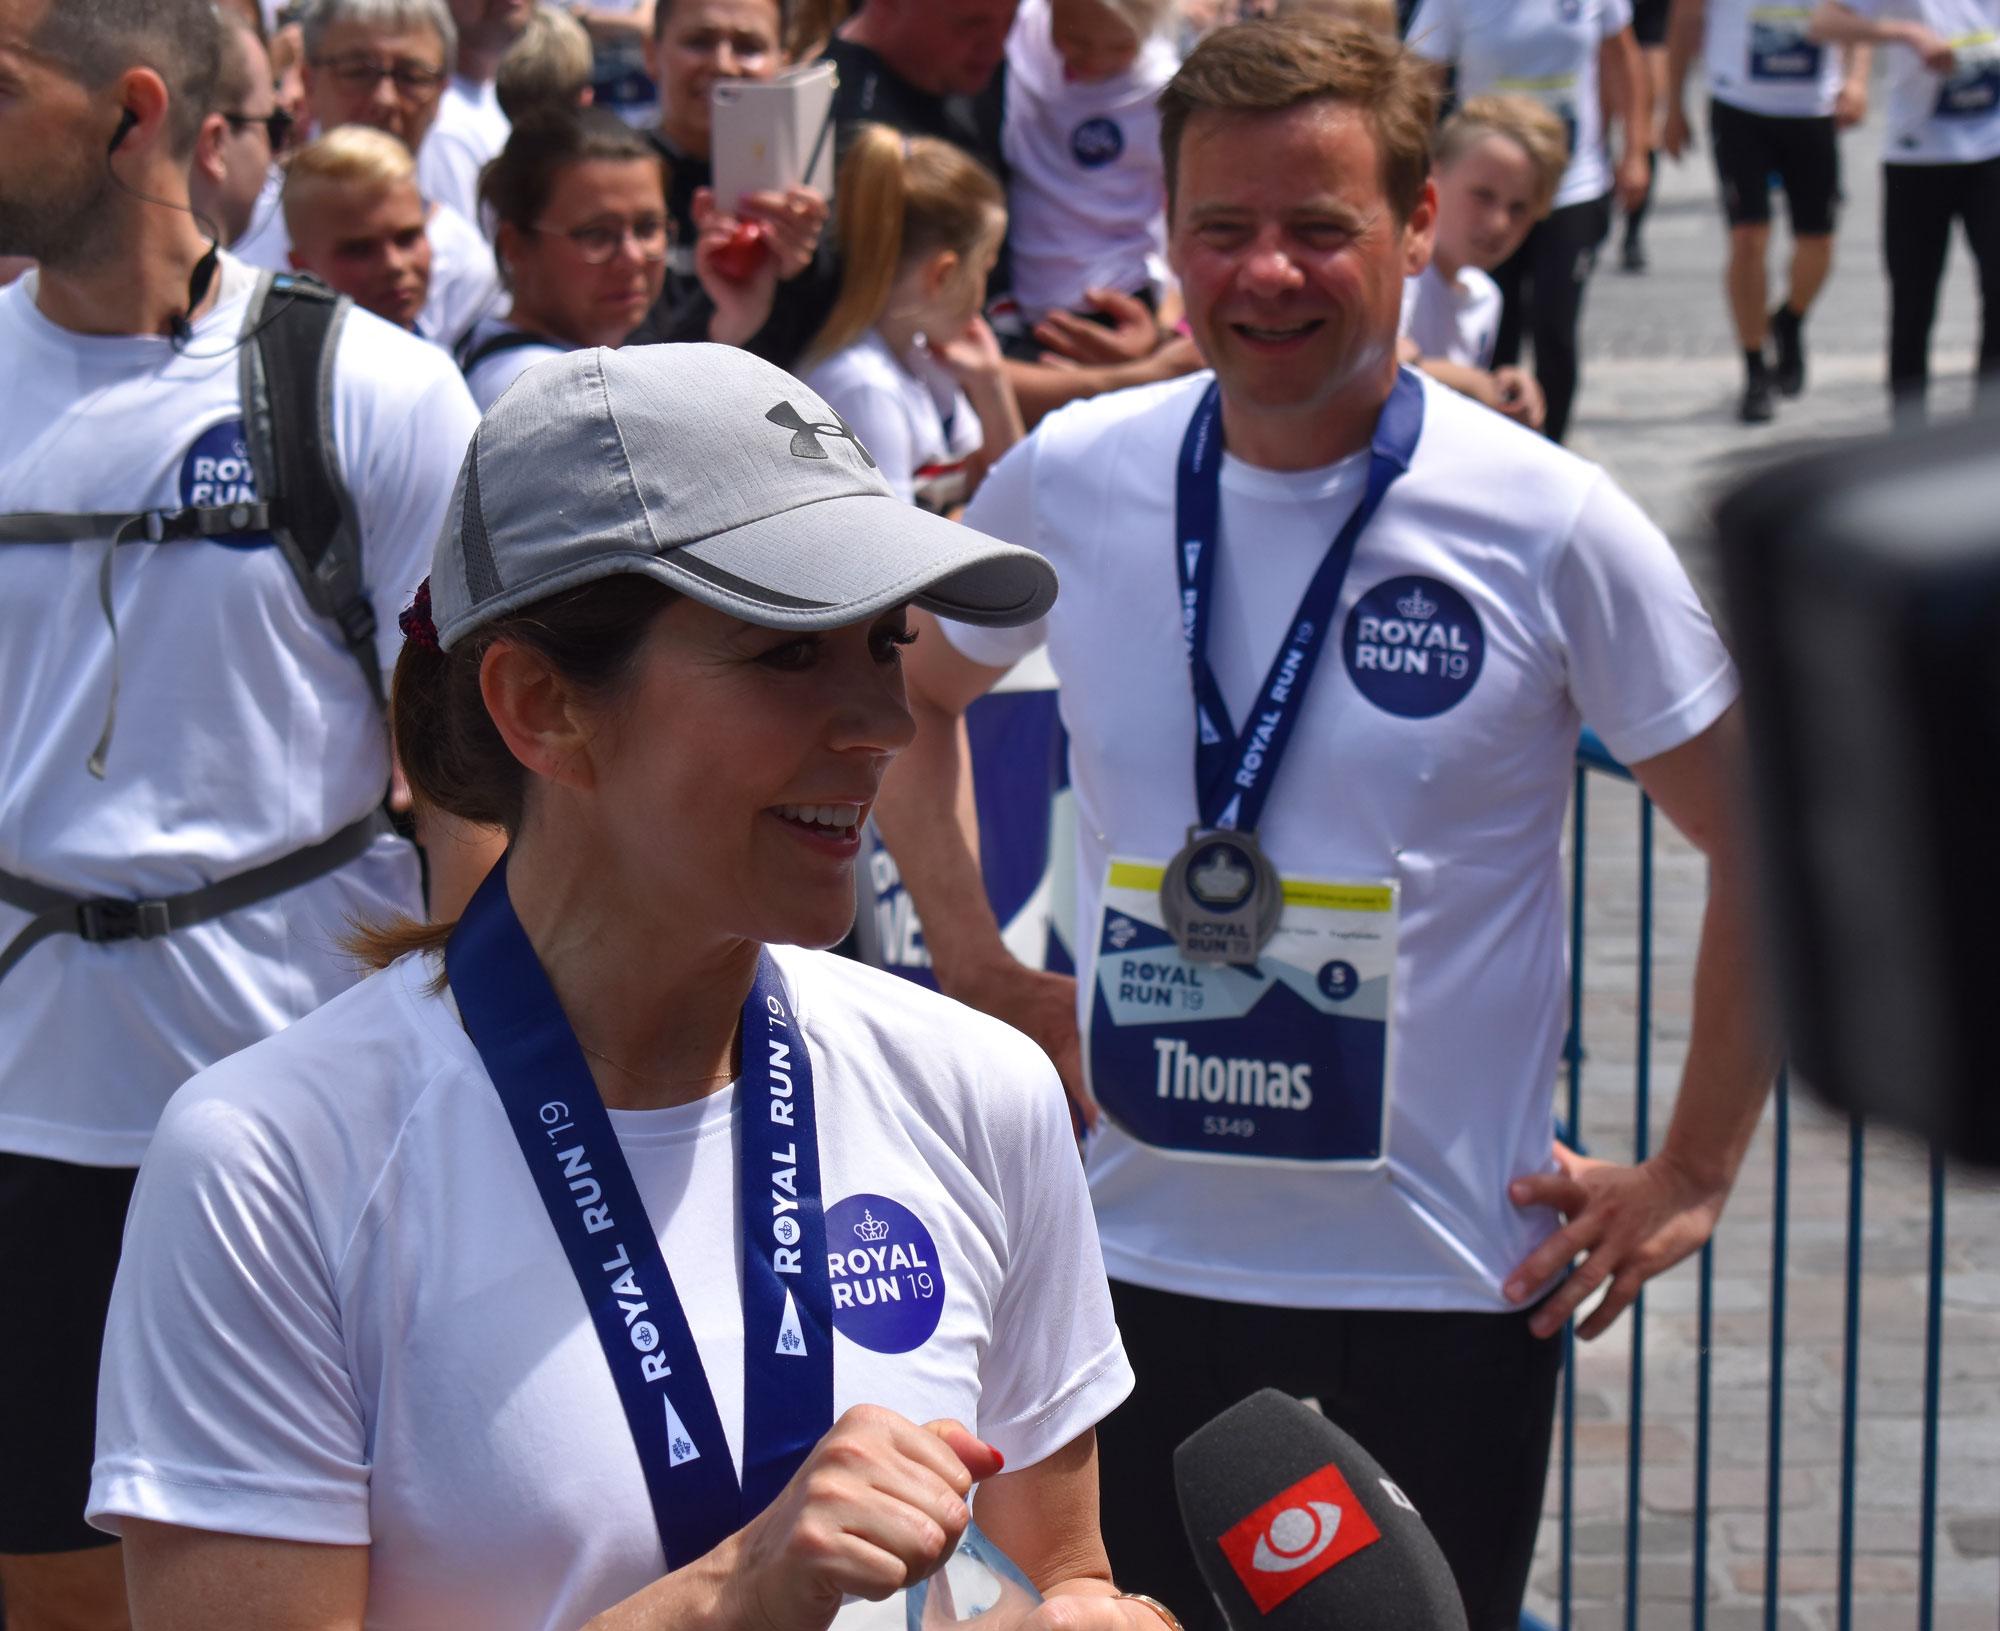 Så er det officielt: Kronprinsesse Mary løber med i Aalborg